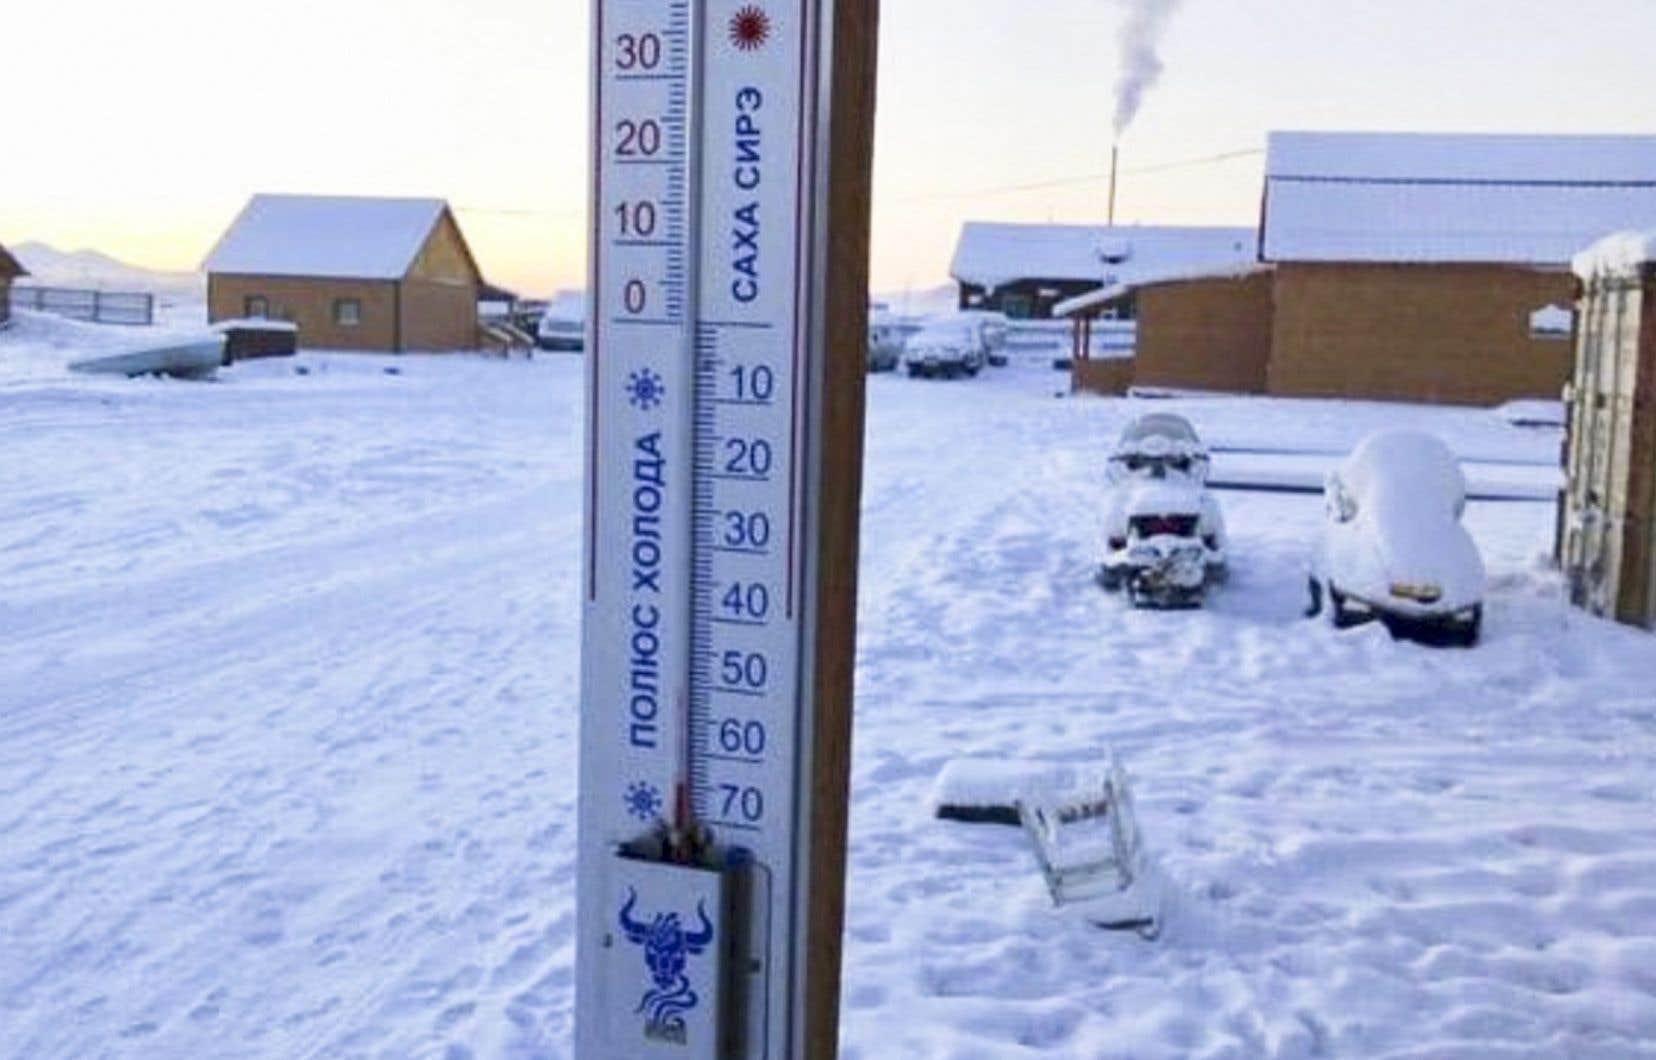 La région est connue pour ses températures très froides.